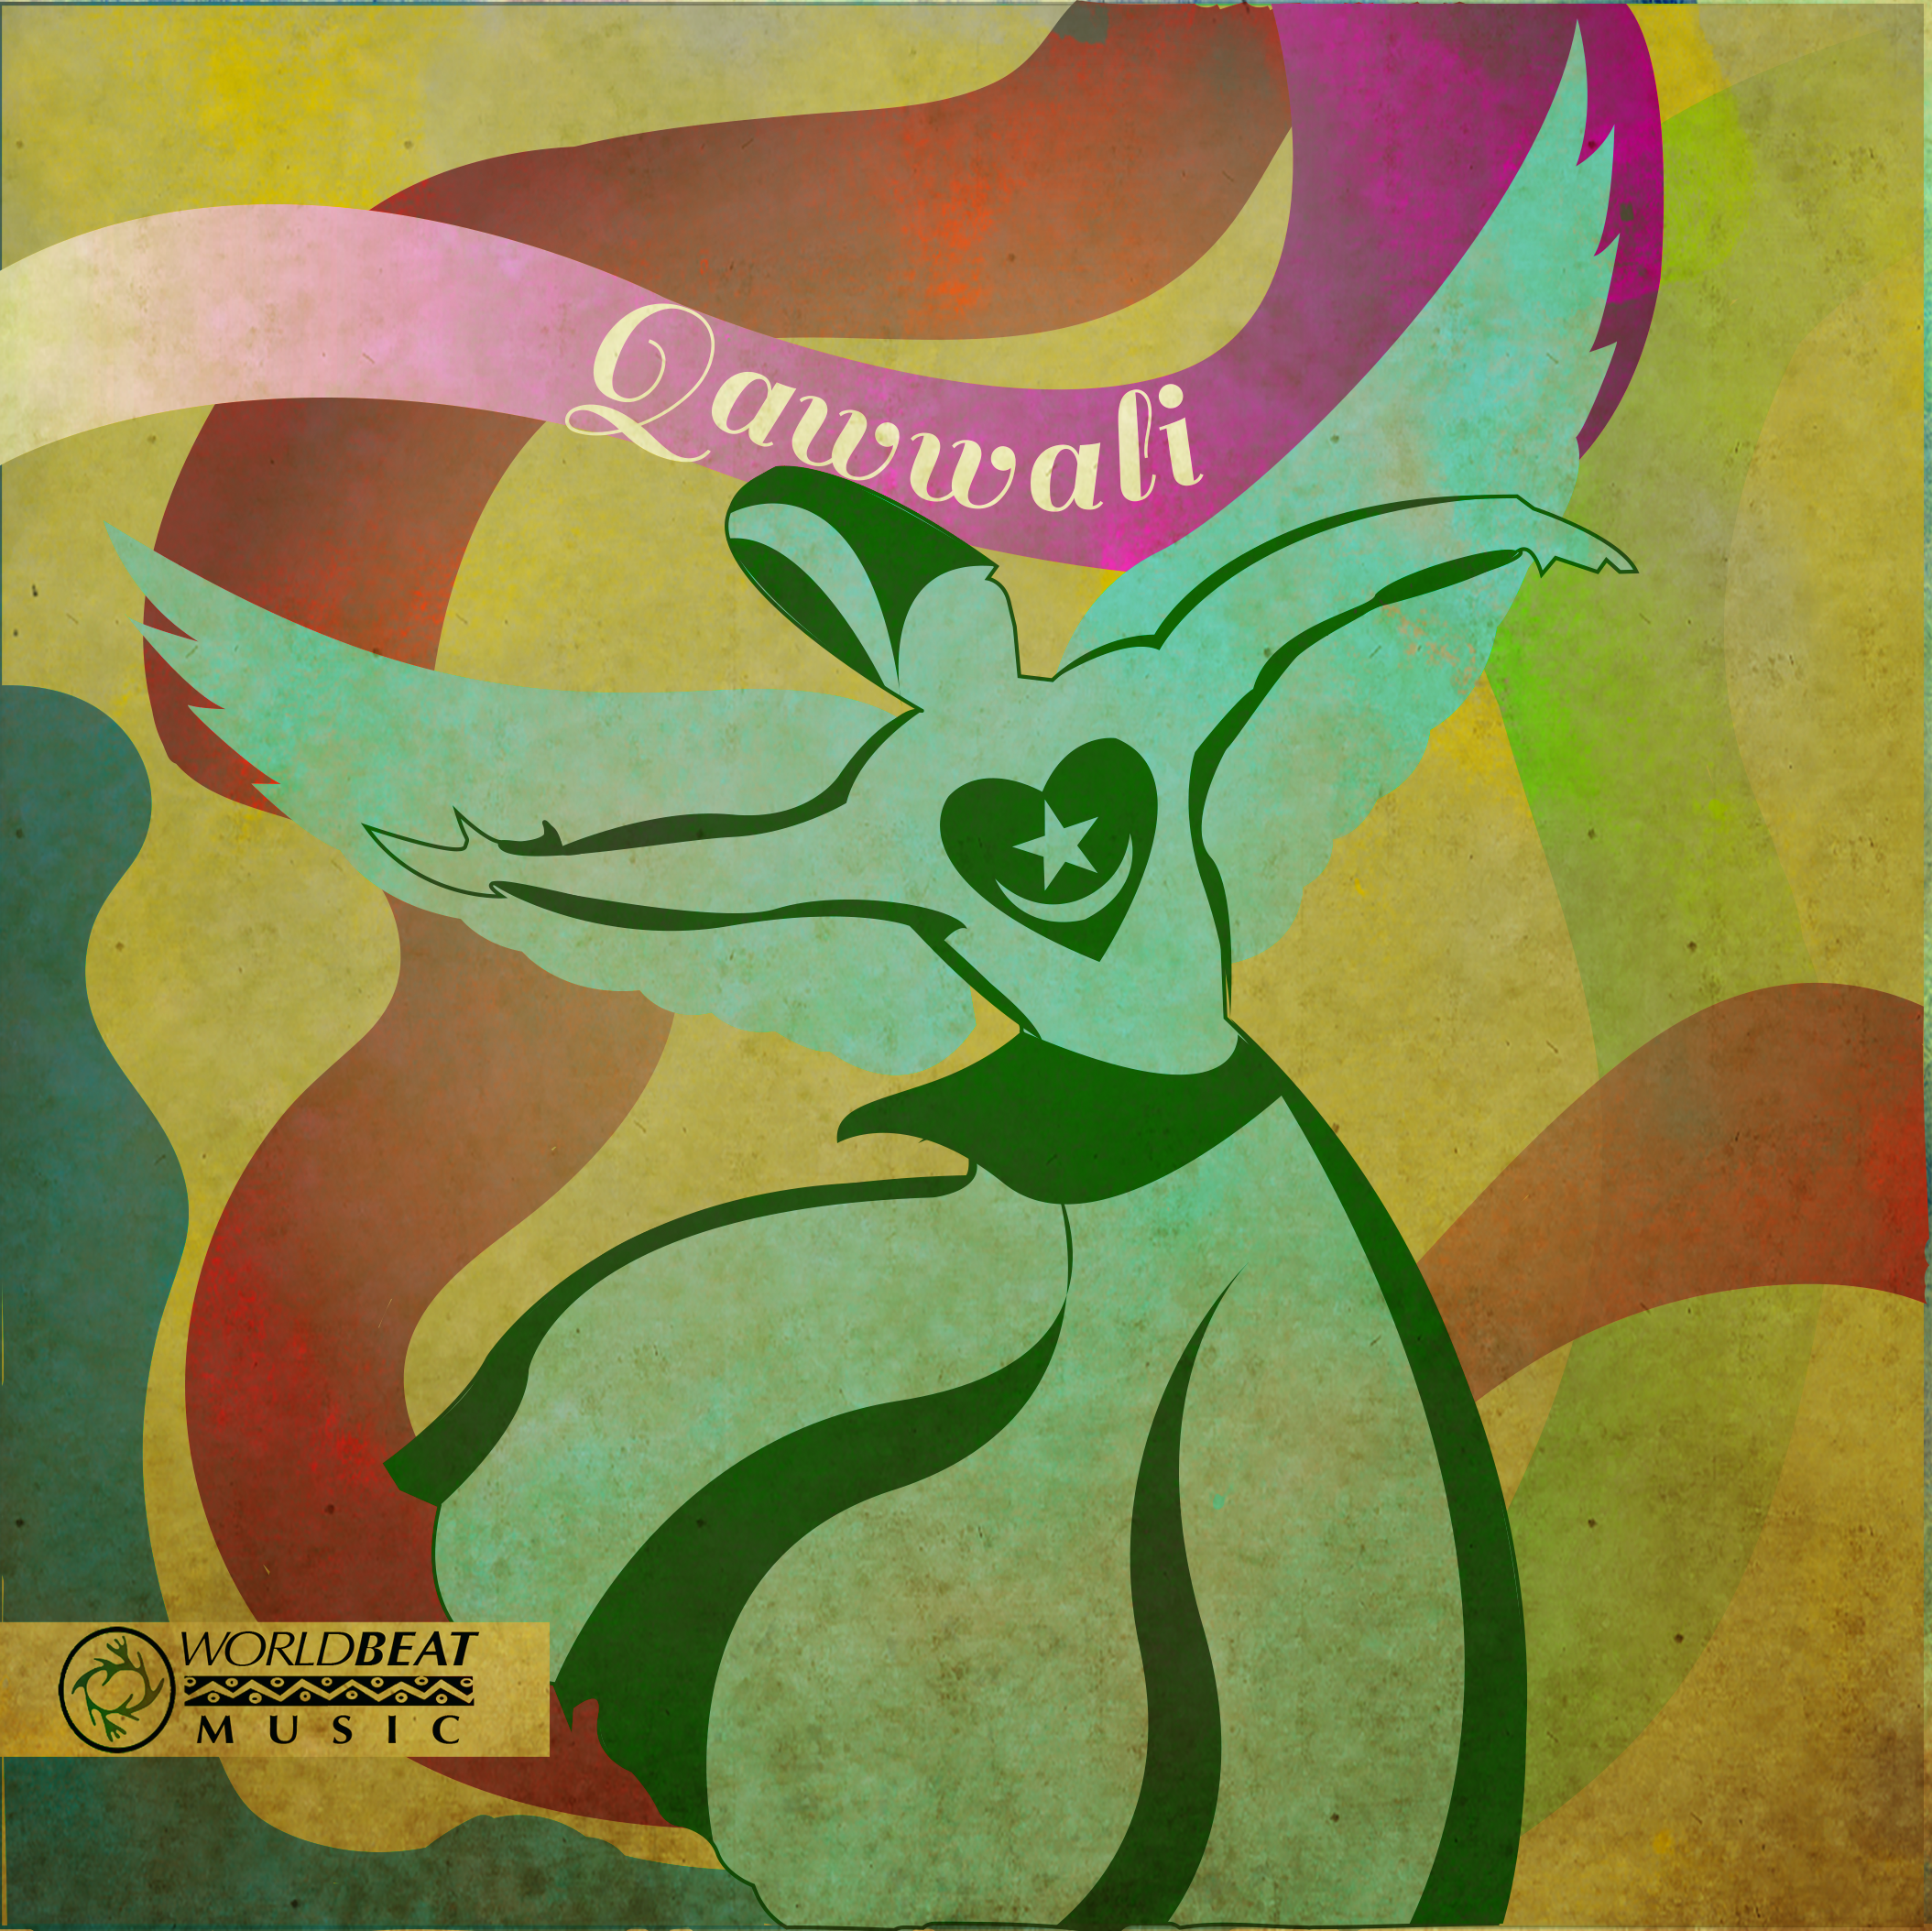 Qawwali Album